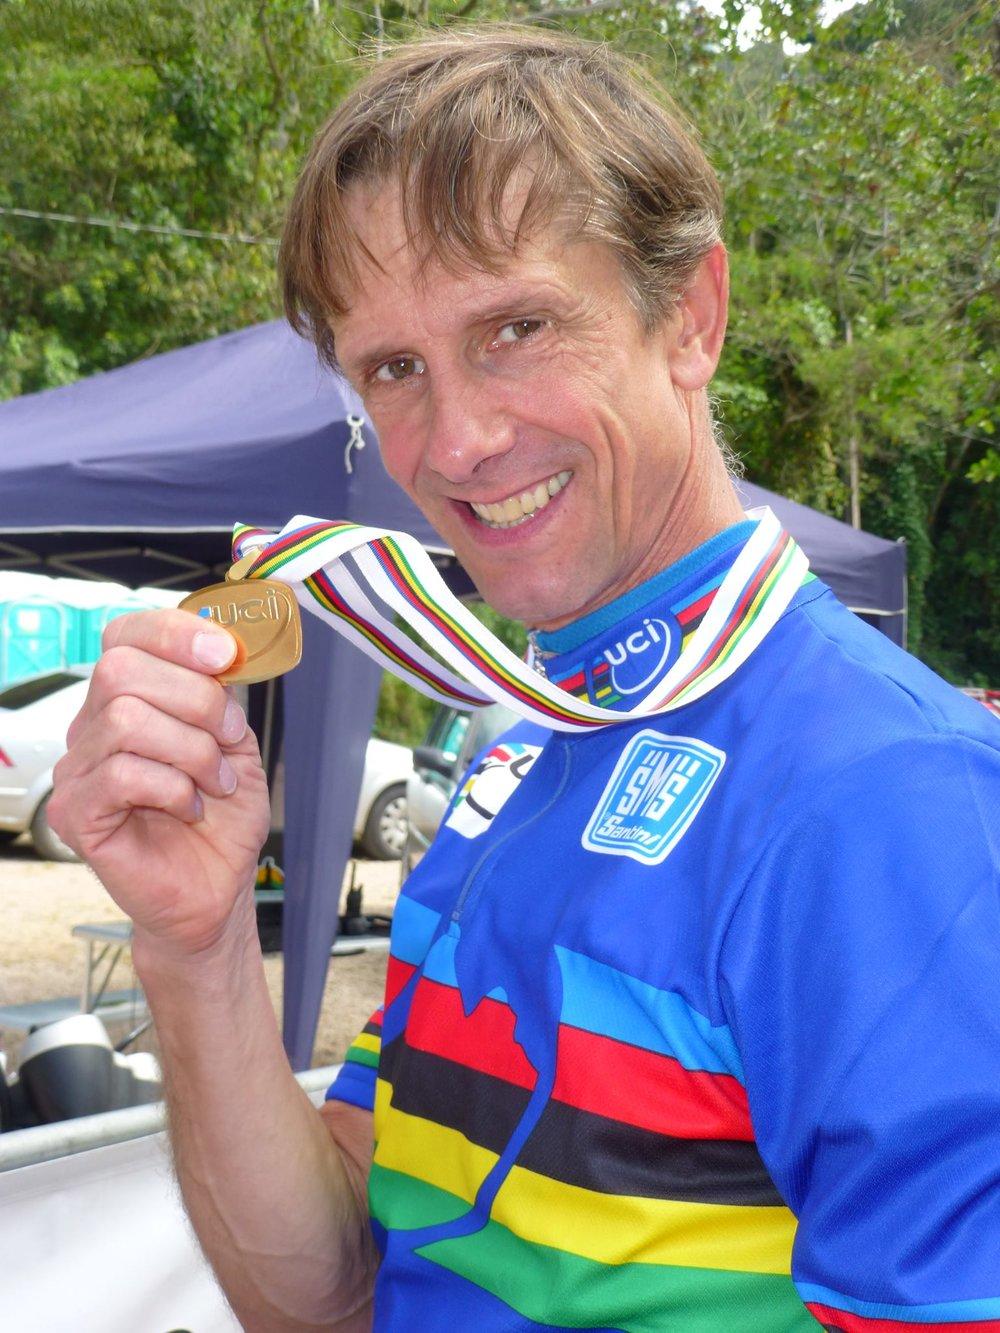 """Svensk-, Europa-och Världsmästare för veteraner i cykelcross och mountainbike """"Att ta hjälp av toppfysik är det smartaste jag gjort som idrottsutövare. Förutom idrottsliga framgångar som jag bara vågat drömma om, så har detta gjort att jag kunnat kombinera ett """"normalt"""" liv med hård idrottssatsning. Jag brukar beskriva samarbetet som att jag köper mig tid. Tidigare tränade jag ostrukturerat 20–30h/v, men under toppfysiks ledning lägger jag ned 10-15h/v och får likväl bättre träningseffekt. All träning är en del i årsplanen och oerhört tidseffektiv. Men absolut största vinsten med att ha en personlig tränare är vid de tillfällen saker inte fungerar, t.ex. skador och formsvackor. Då är det ovärderligt att få objektivt stöd i analys av orsaker och hjälp med korrigering."""""""